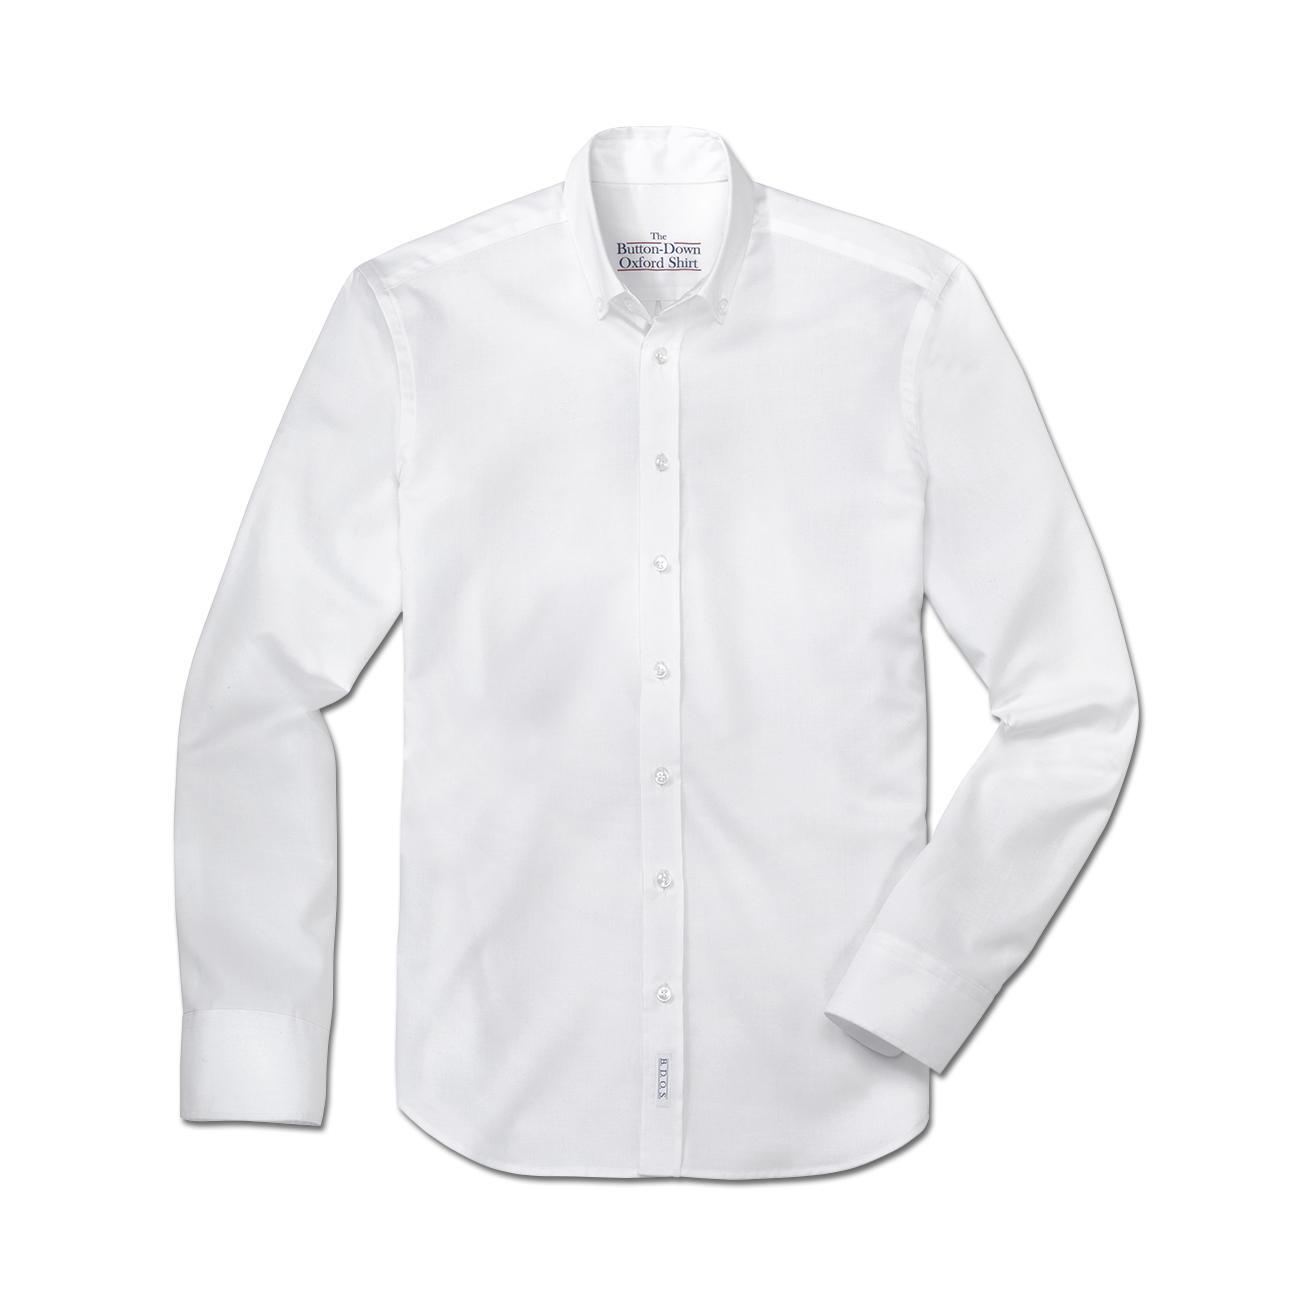 Herren-Hemden mit Pro-Idee-Service und -Garantie bestellen.